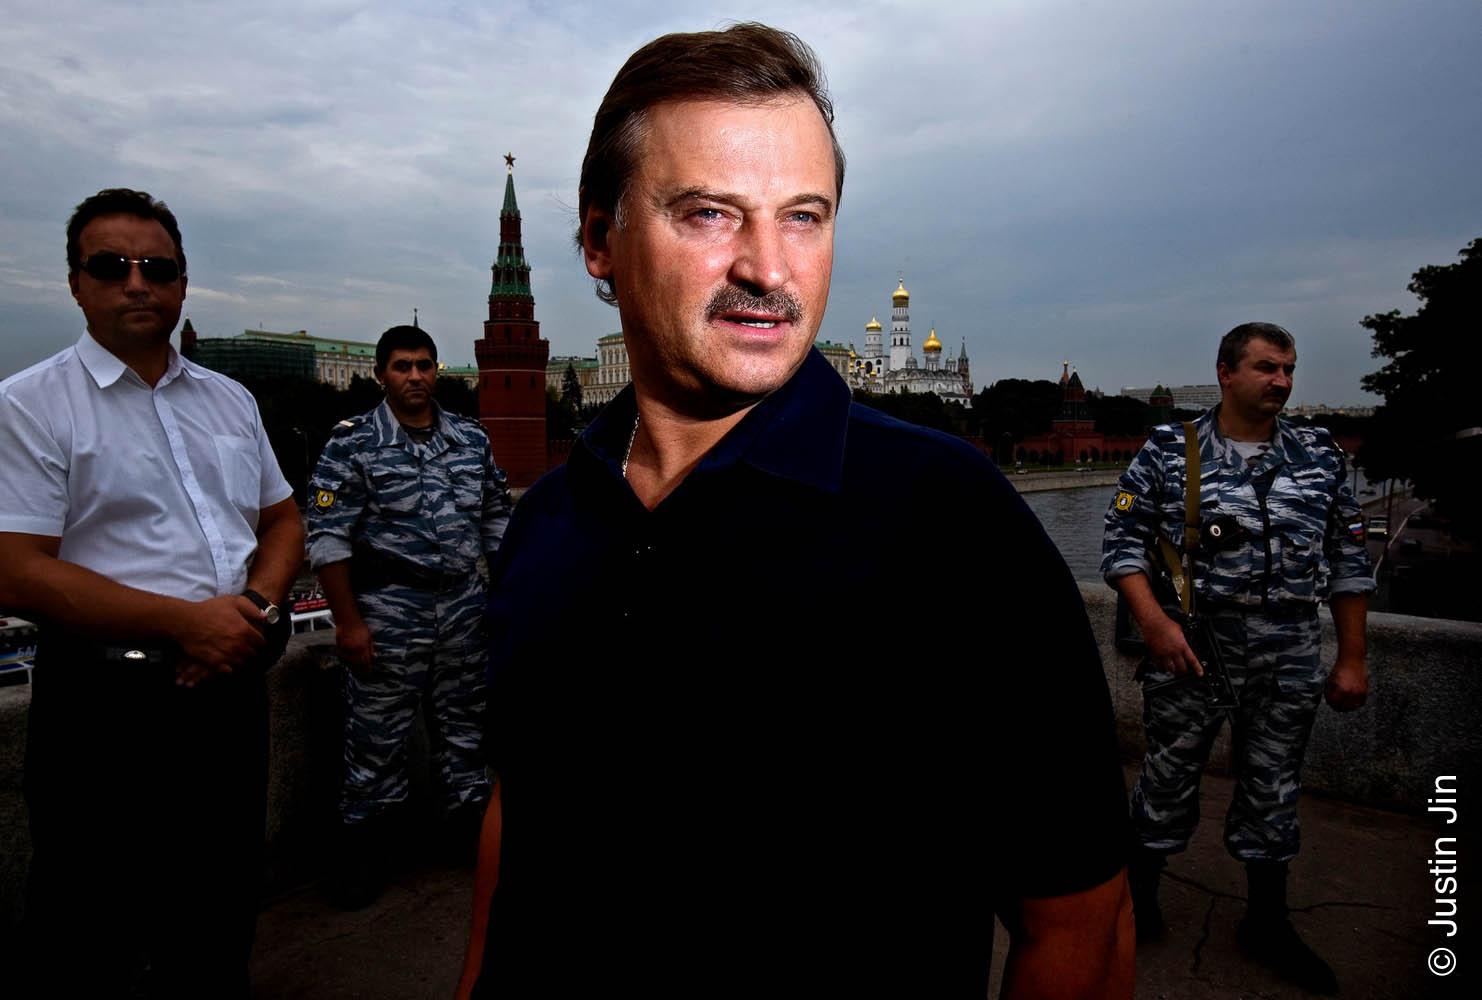 俄罗斯亿万富豪谢尔盖·Veremeenko在莫斯科克里姆林宫前摆拍。为了拍摄这张《福布斯》的人物特写,他的保镖阻断了交通并用机枪示意路人走开以腾出空地。